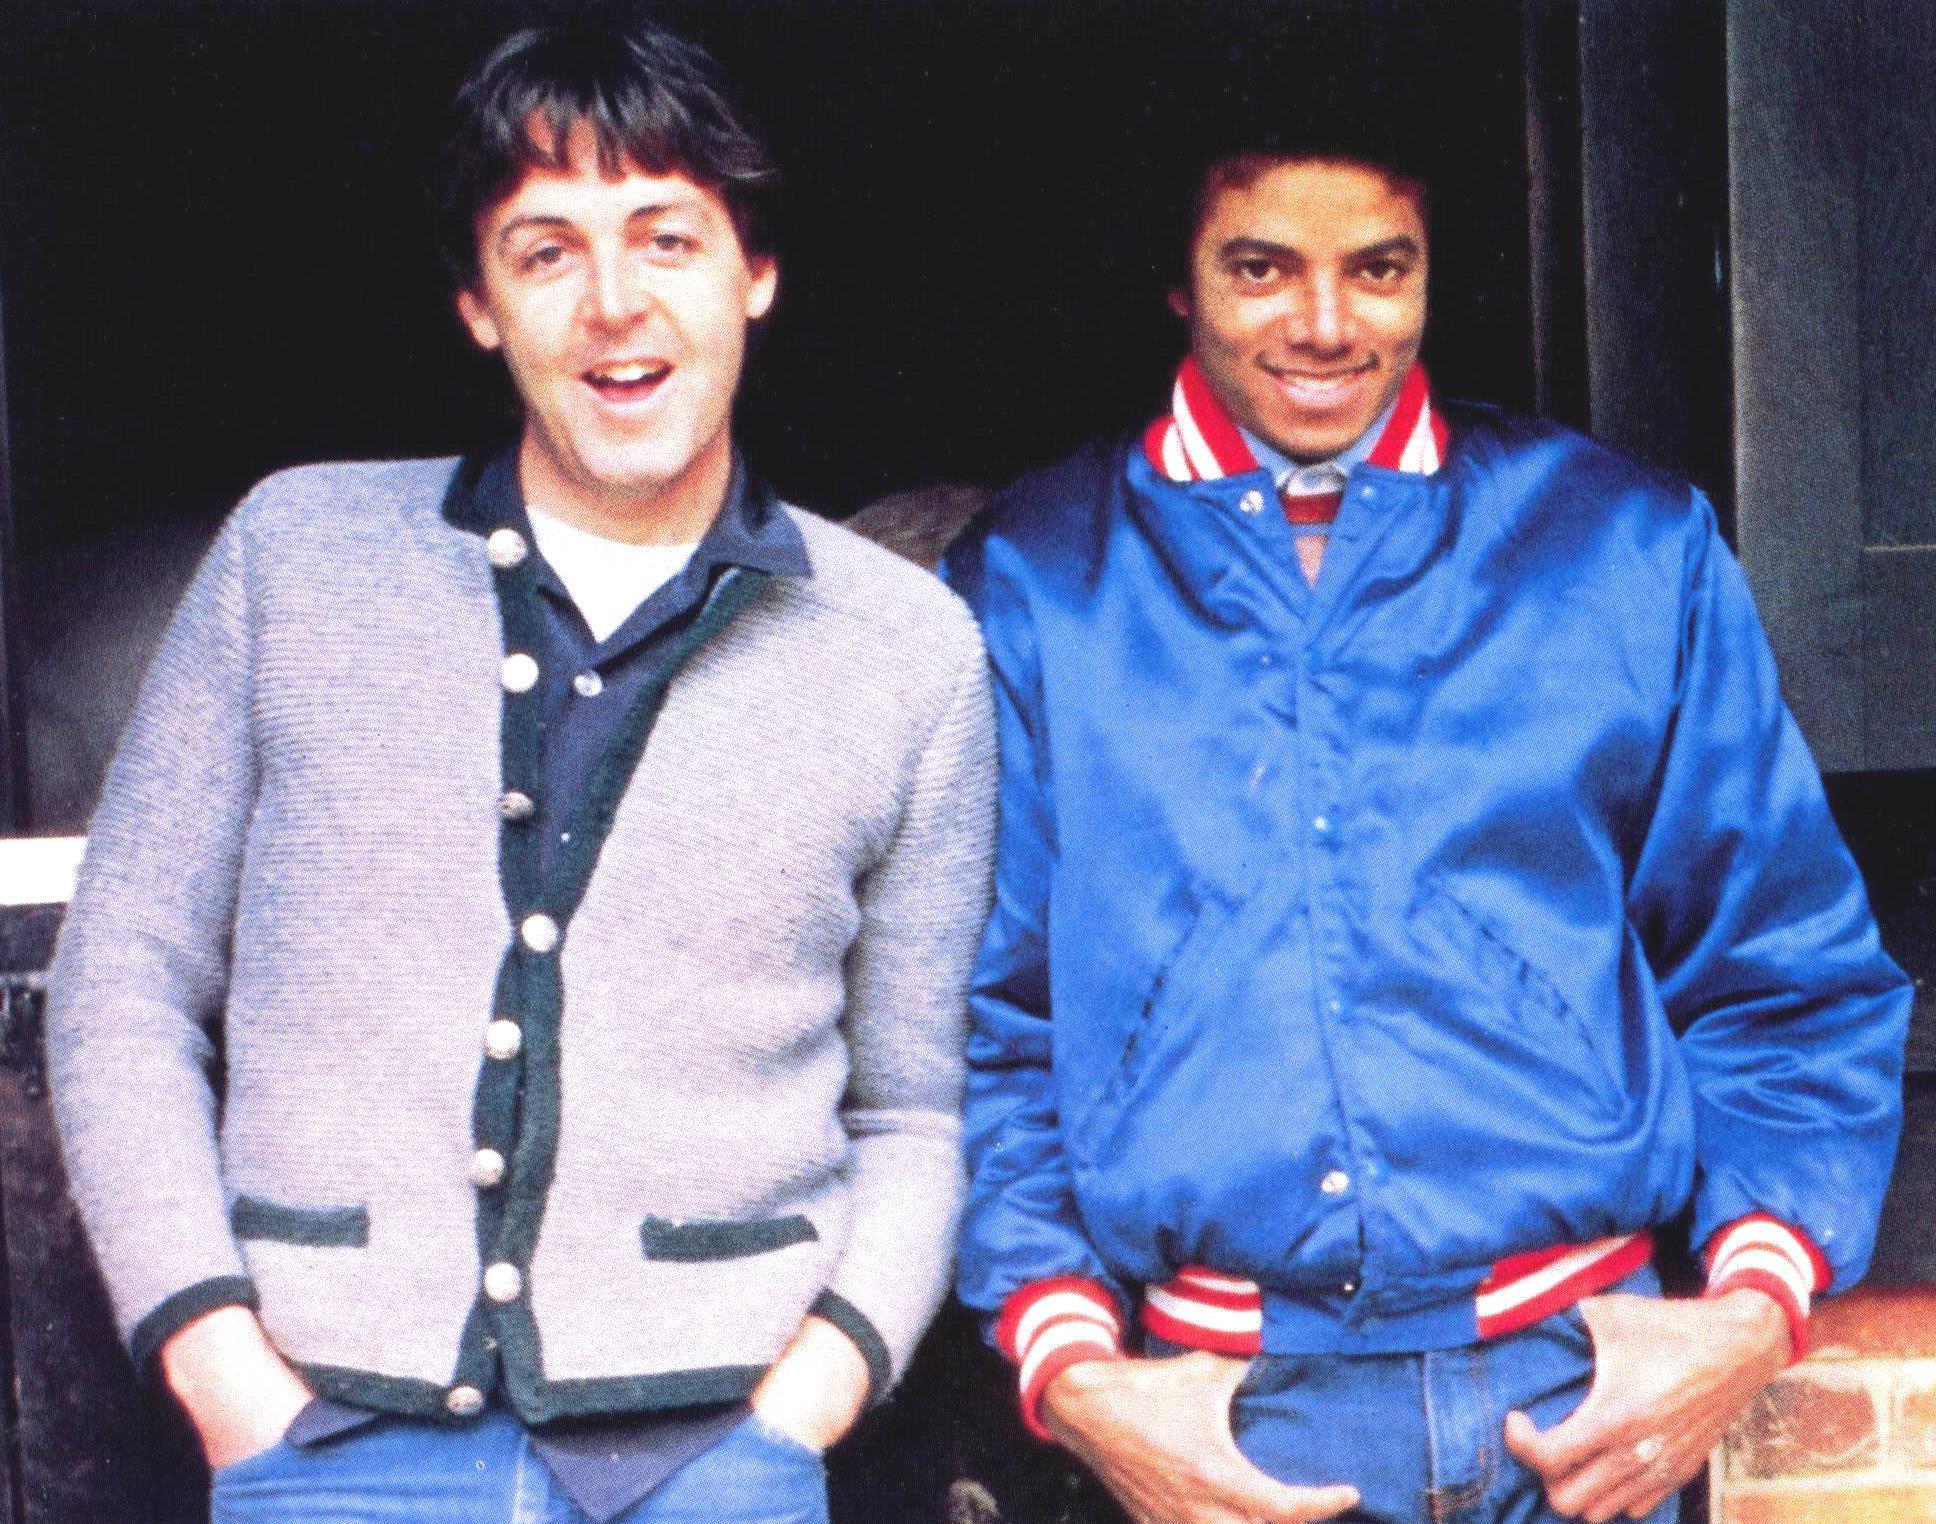 Paul e Michael amici per la pelle